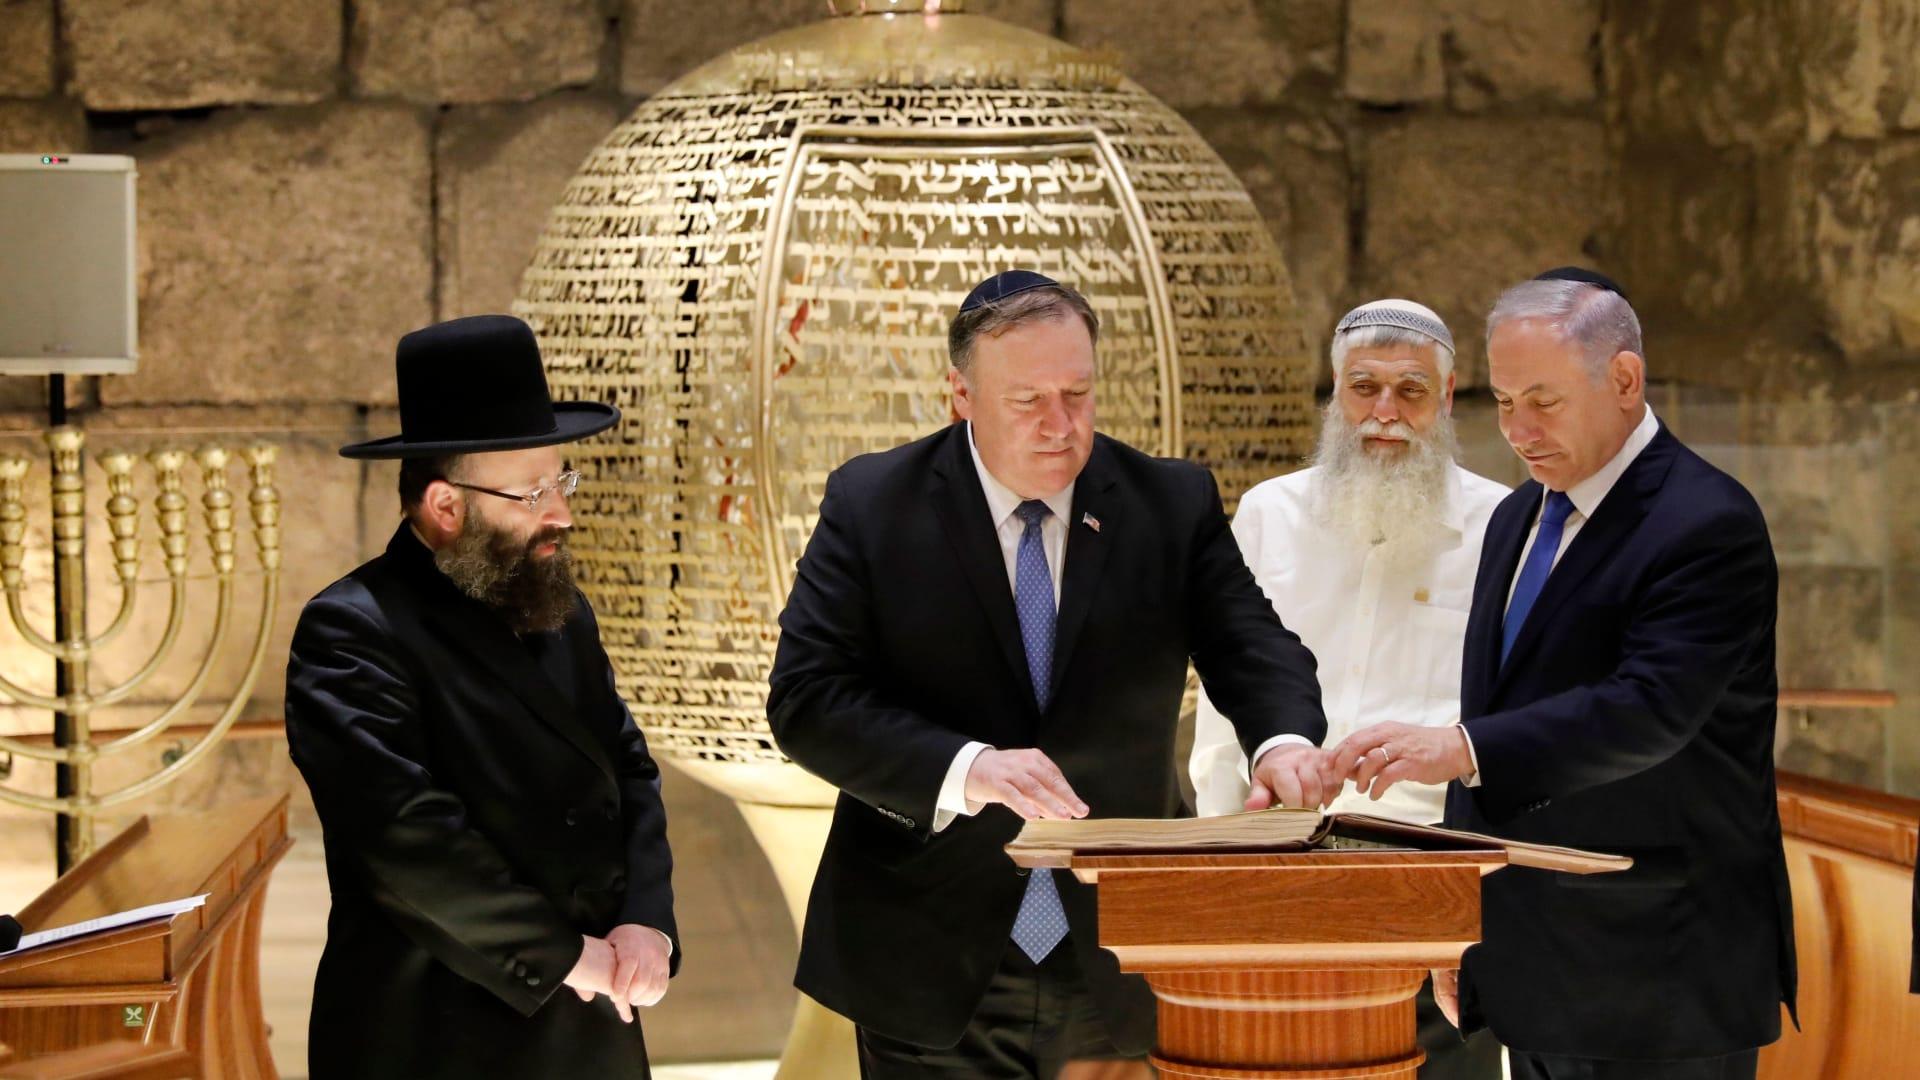 وزير الخارجية الأمريكي يزور الحائط الغربي برفقة نتنياهو